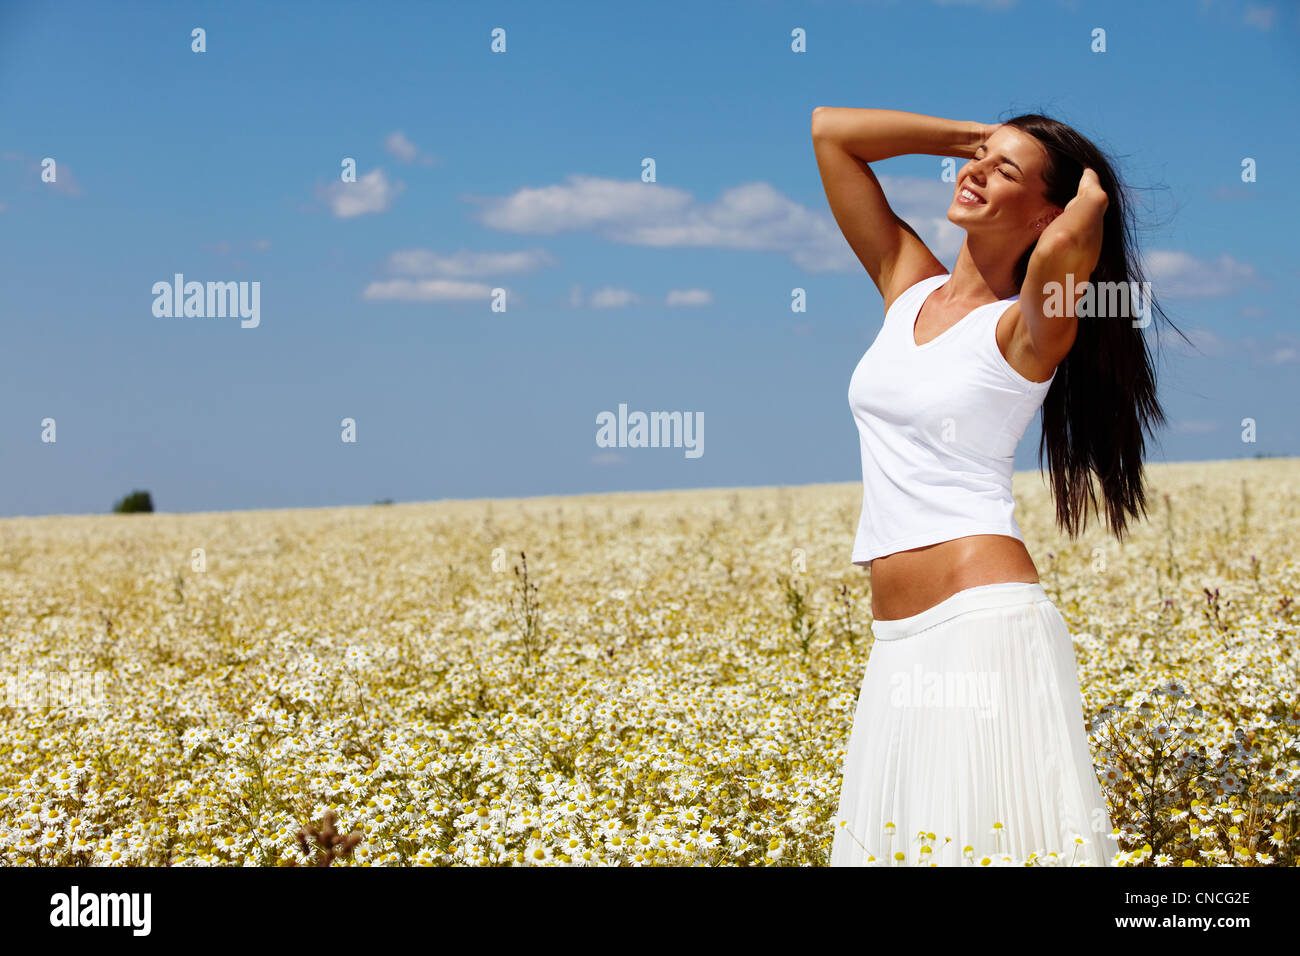 Giovane donna vestita di bianco in piedi tra chamomiles in una giornata di sole Foto Stock